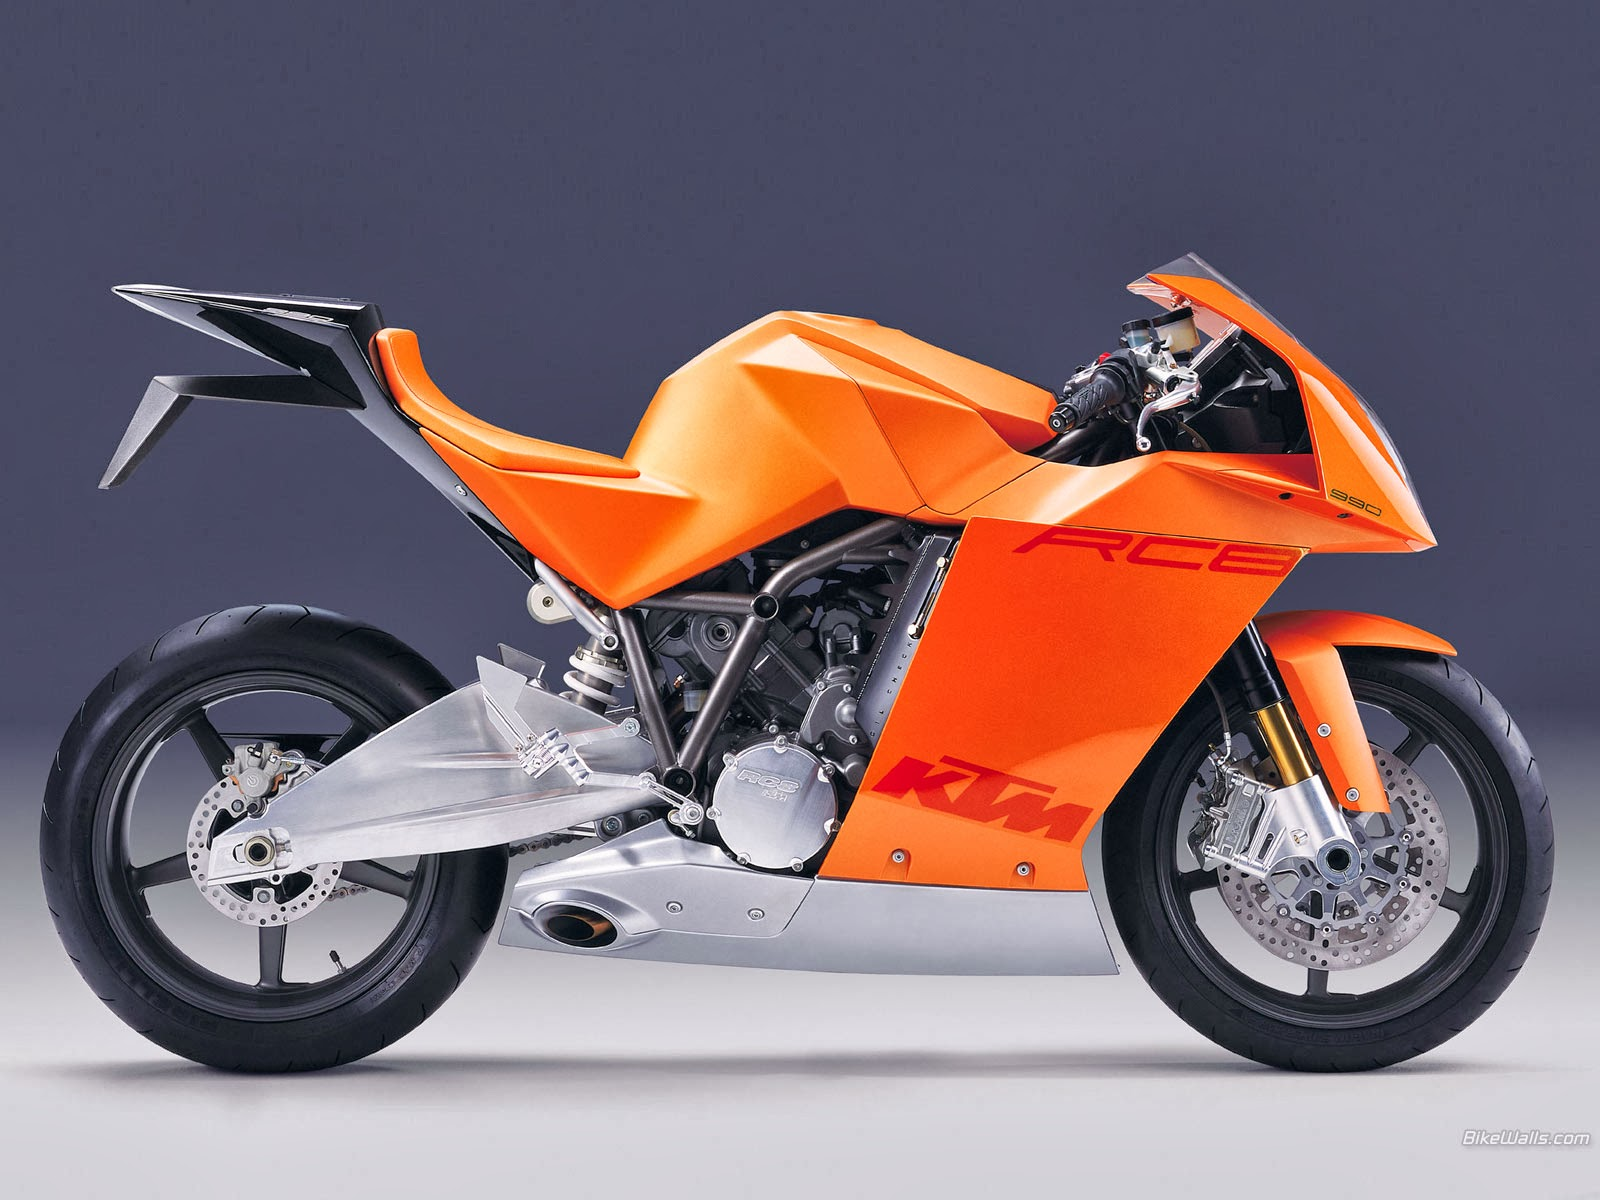 Ktm Motor Ktm 990 Rcb Motorlar